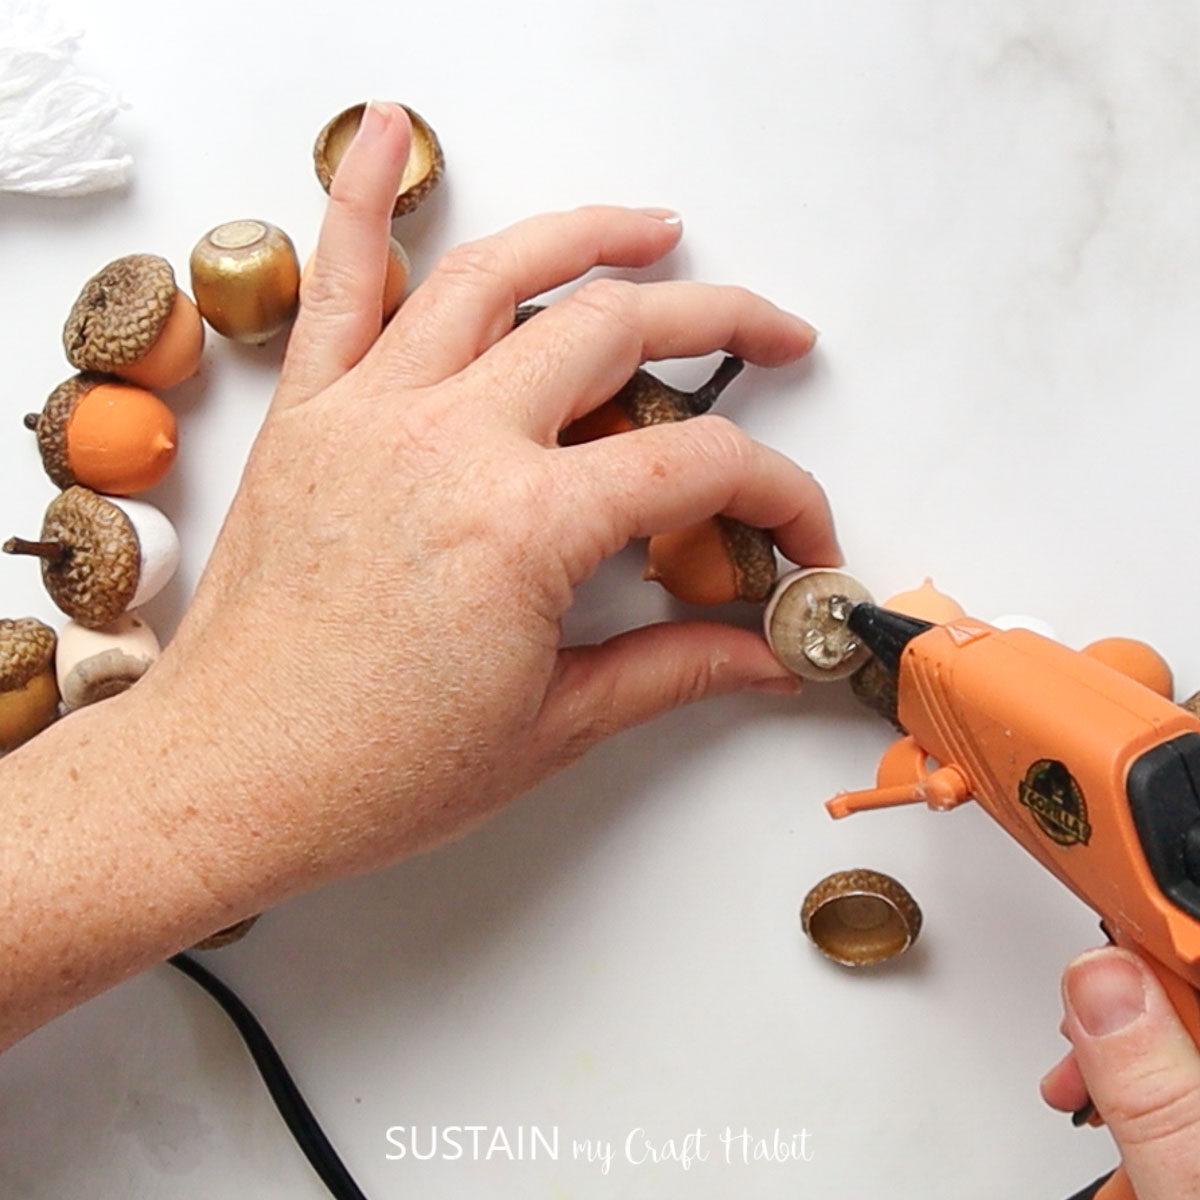 Adding hot glue to the acorns and acorn caps.